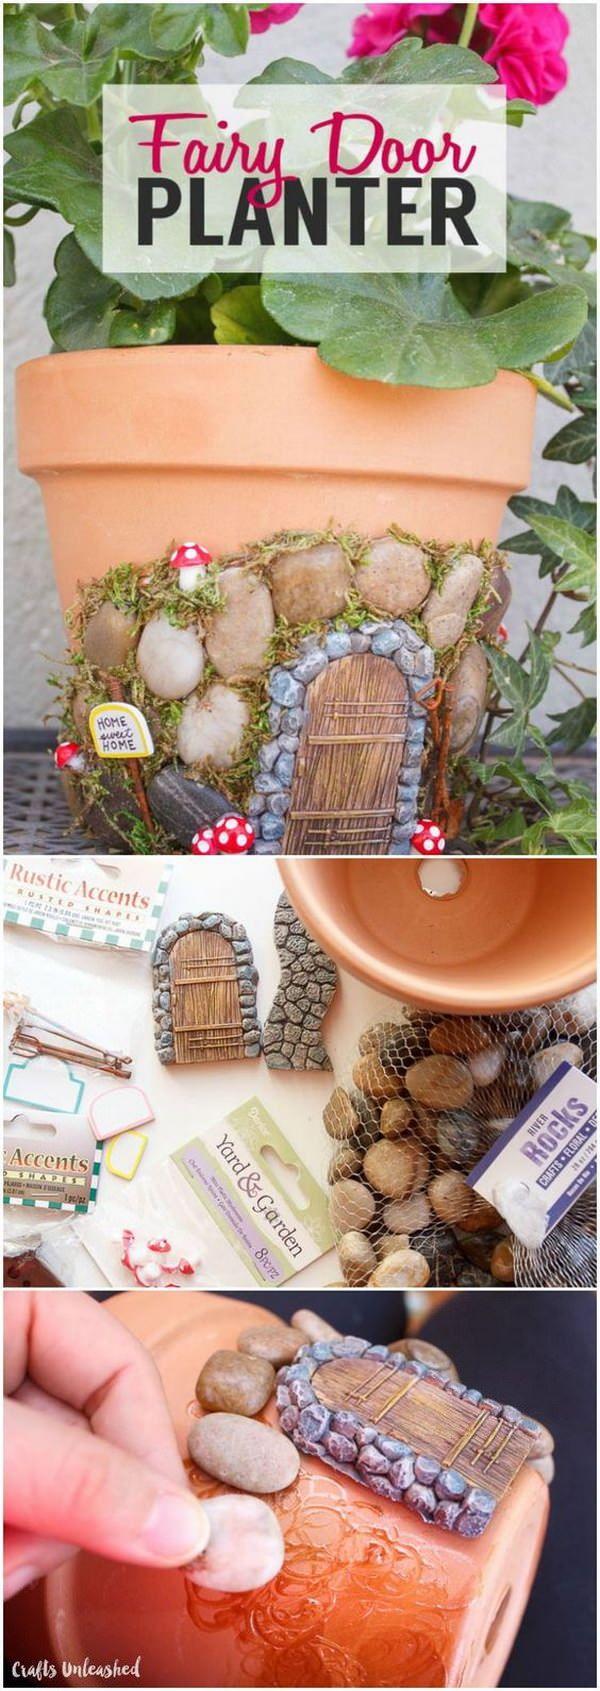 35 Awesome Diy Fairy Garden Ideas Tutorials Fairy Garden